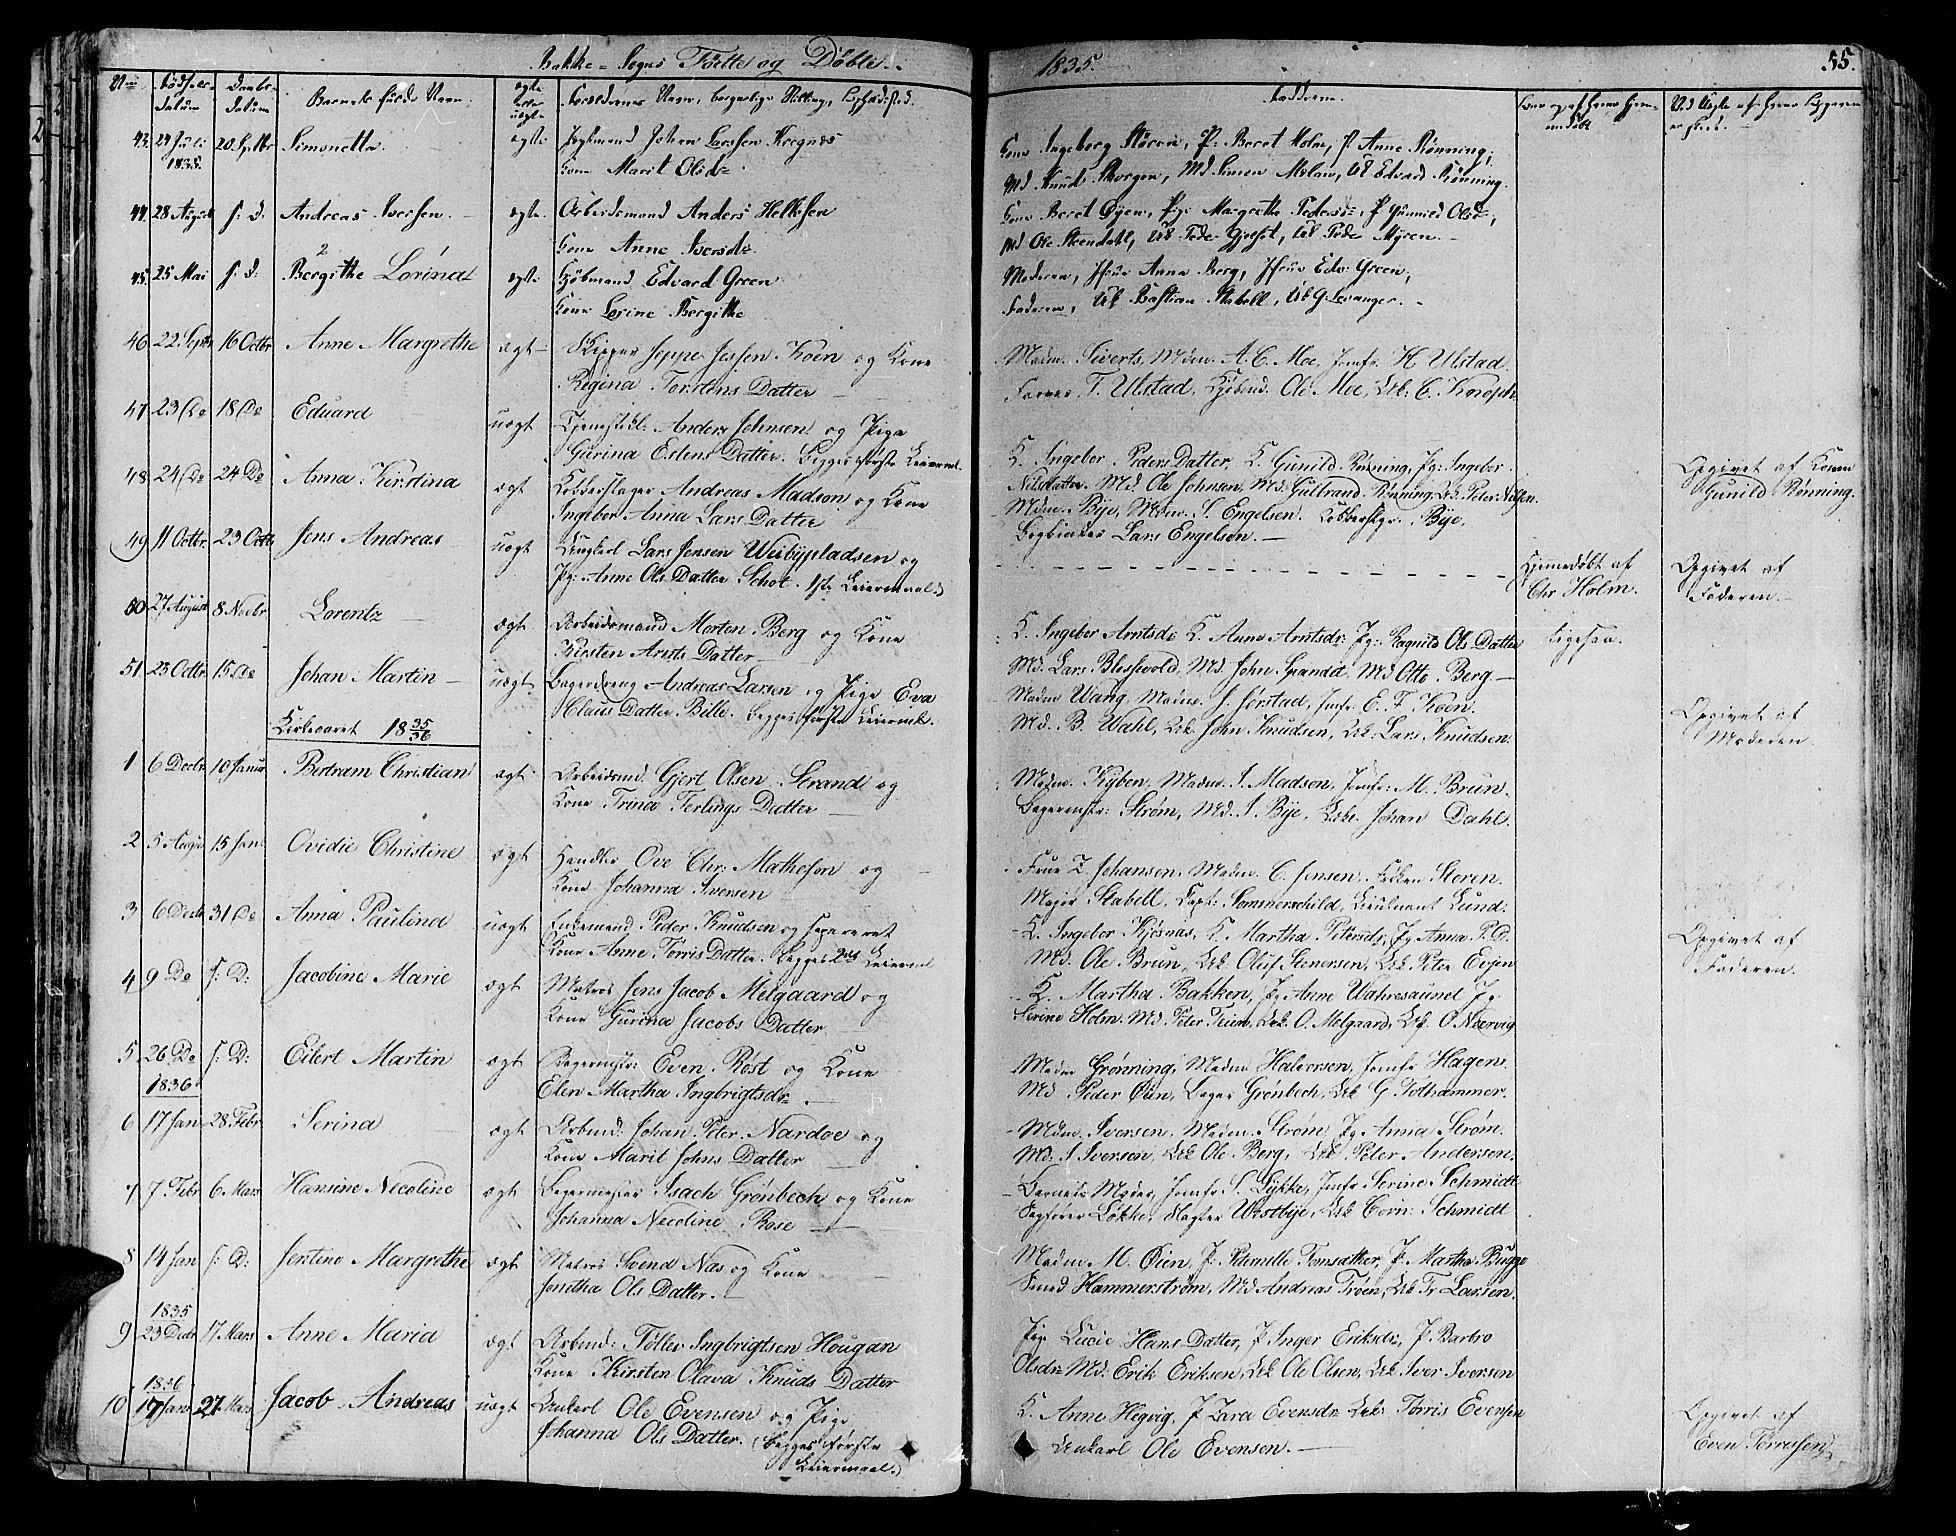 SAT, Ministerialprotokoller, klokkerbøker og fødselsregistre - Sør-Trøndelag, 606/L0287: Ministerialbok nr. 606A04 /2, 1826-1840, s. 55